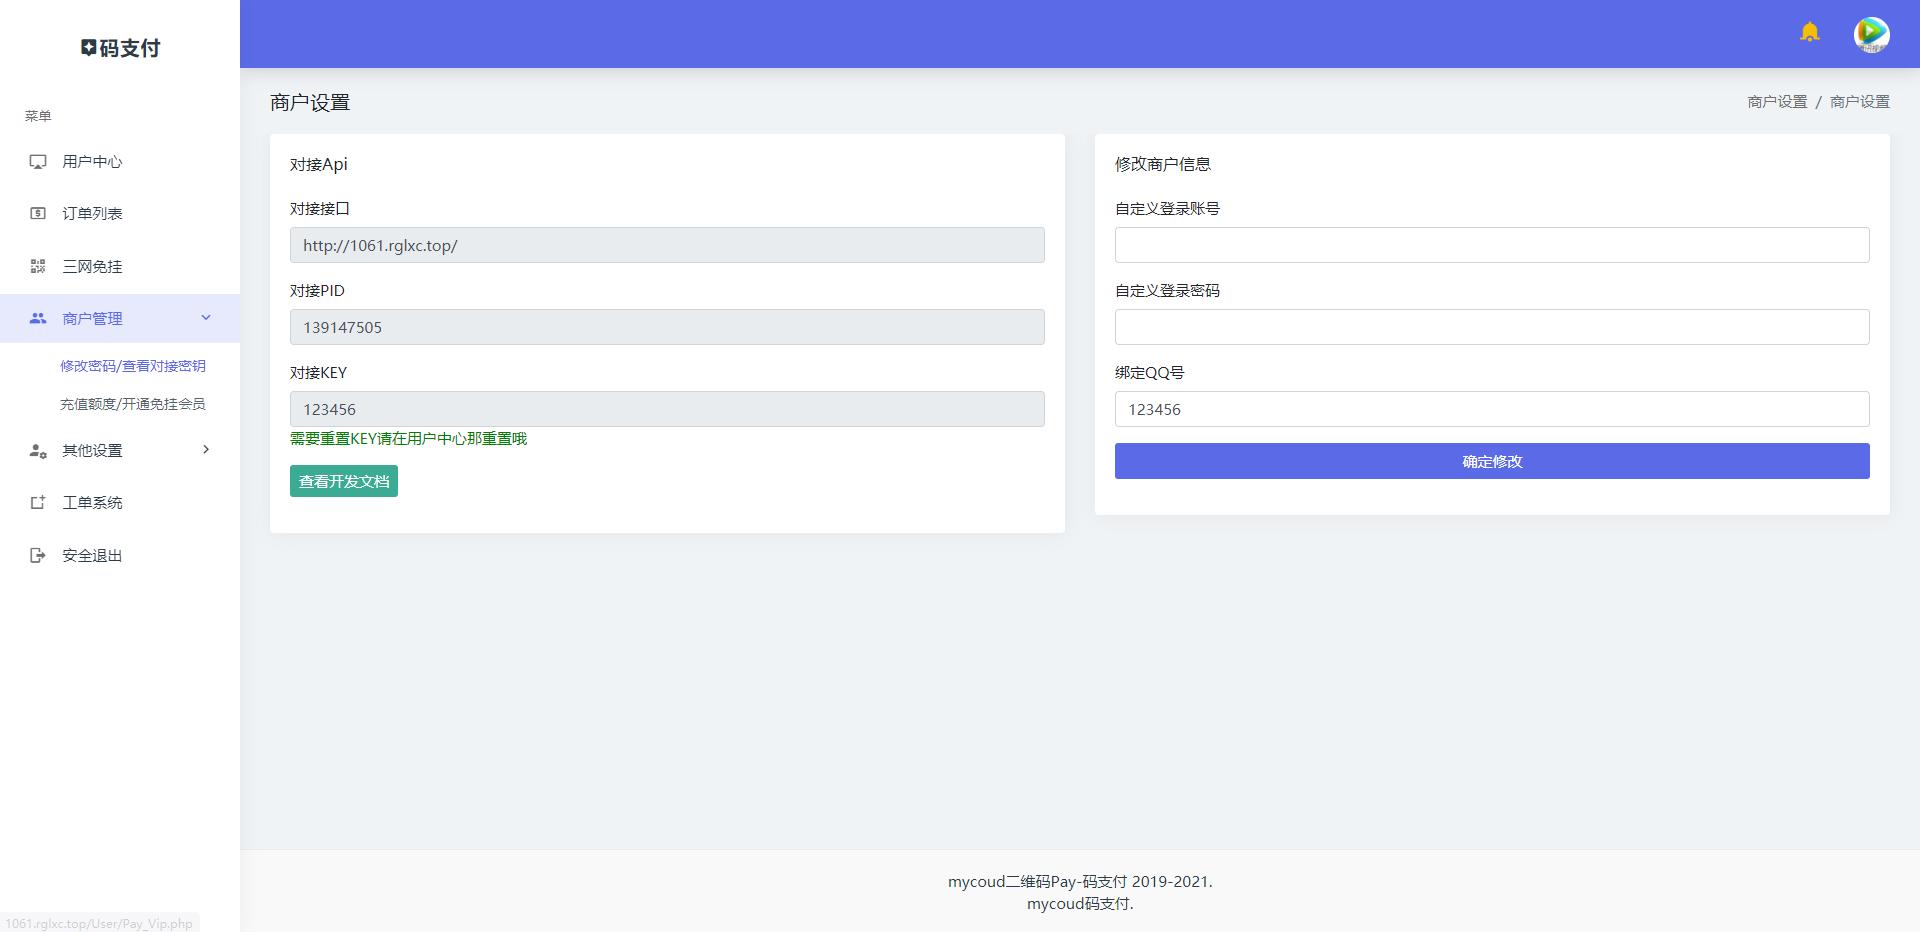 三网免挂码支付系统软件/二维码收款免签支付/全开源系统1.2版本号插图2